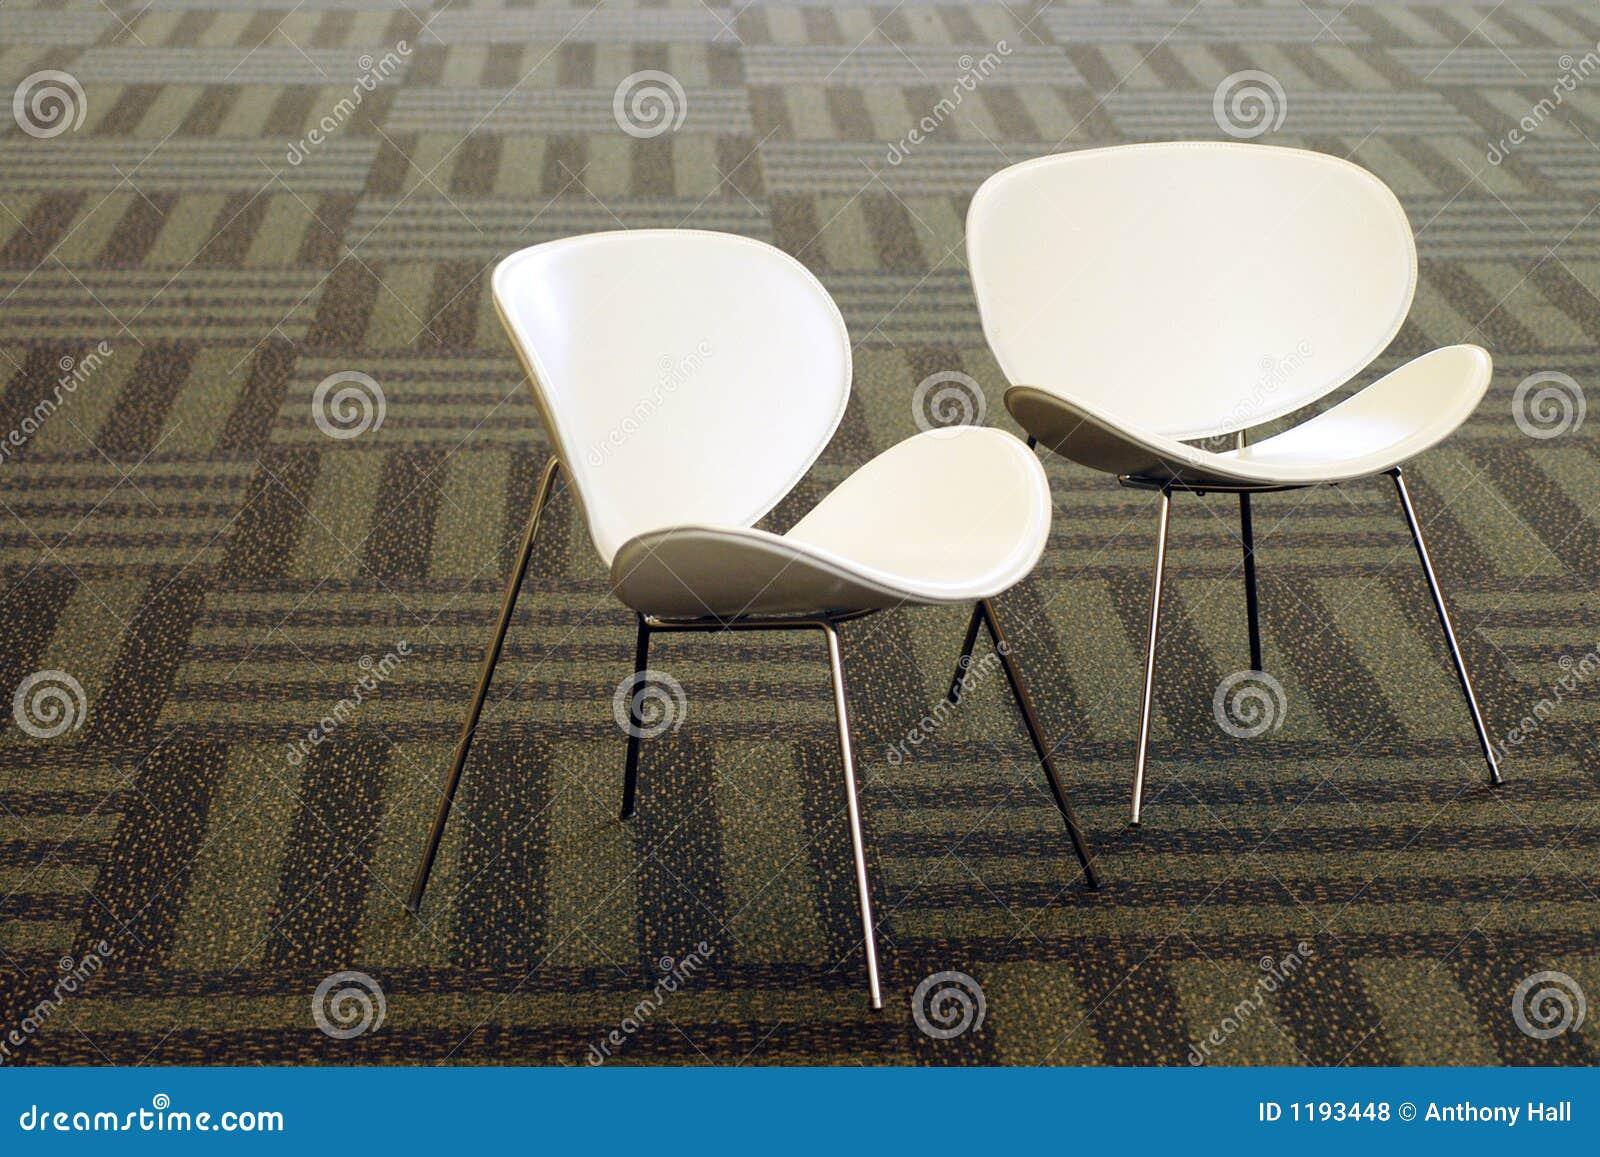 Moderne witte stoelen royalty vrije stock foto 39 s for Witte moderne stoelen